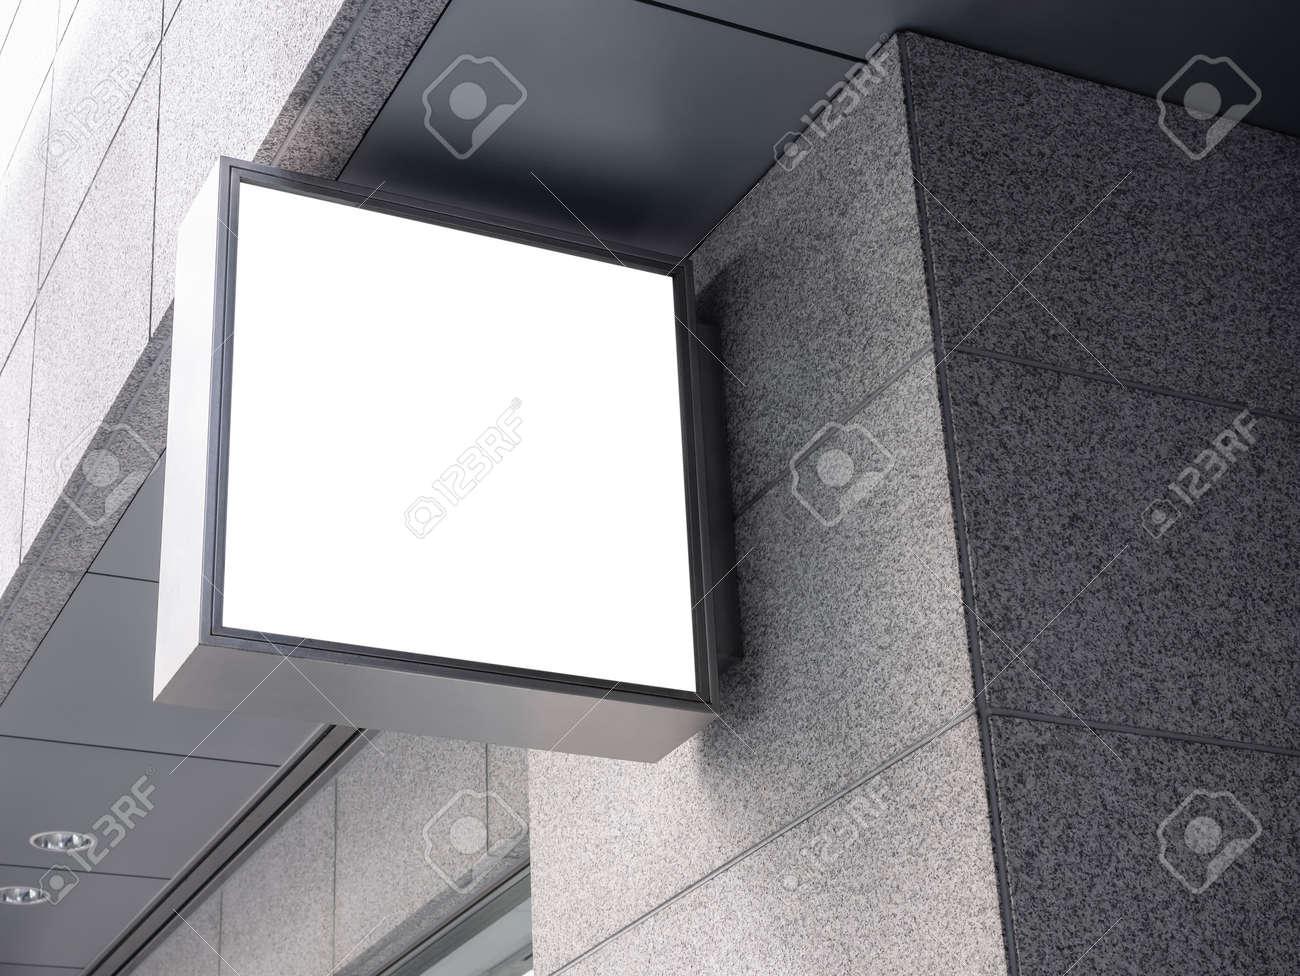 Mock up shop logo sign Blank signage exterior Building - 139589310